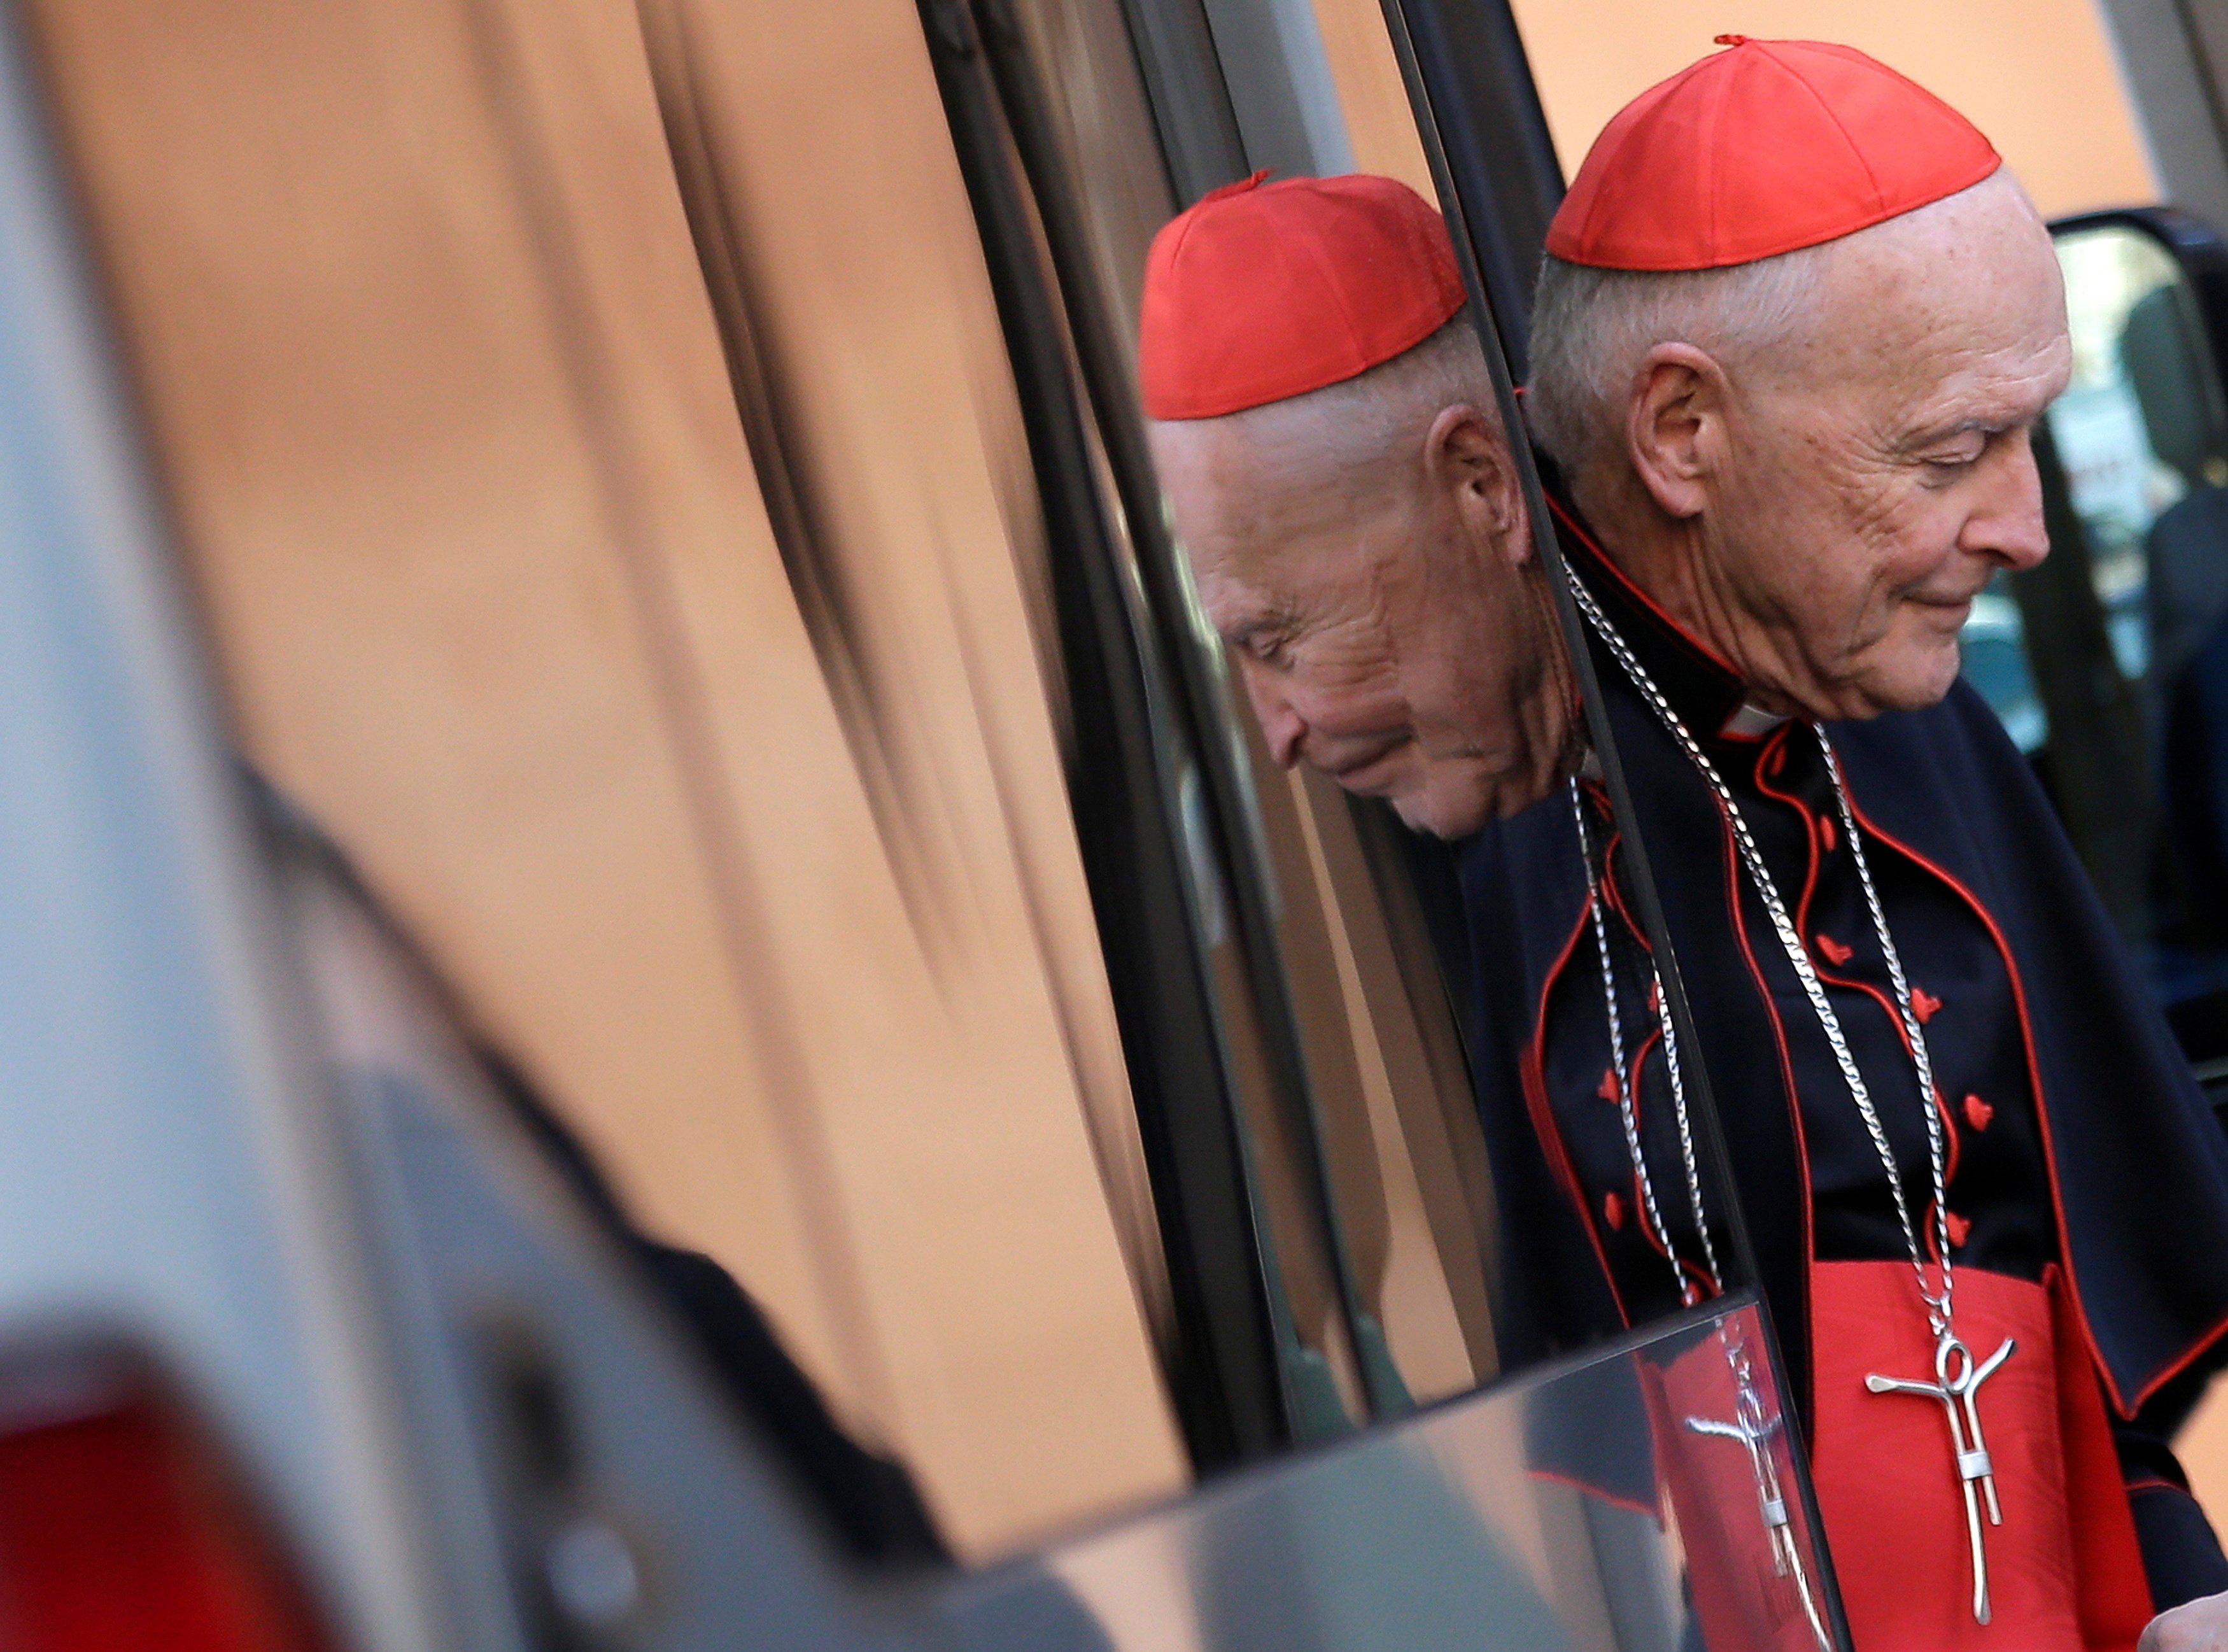 Ex-Cardinal Theodore McCarrick, 91, pleads not guilty to sex assault